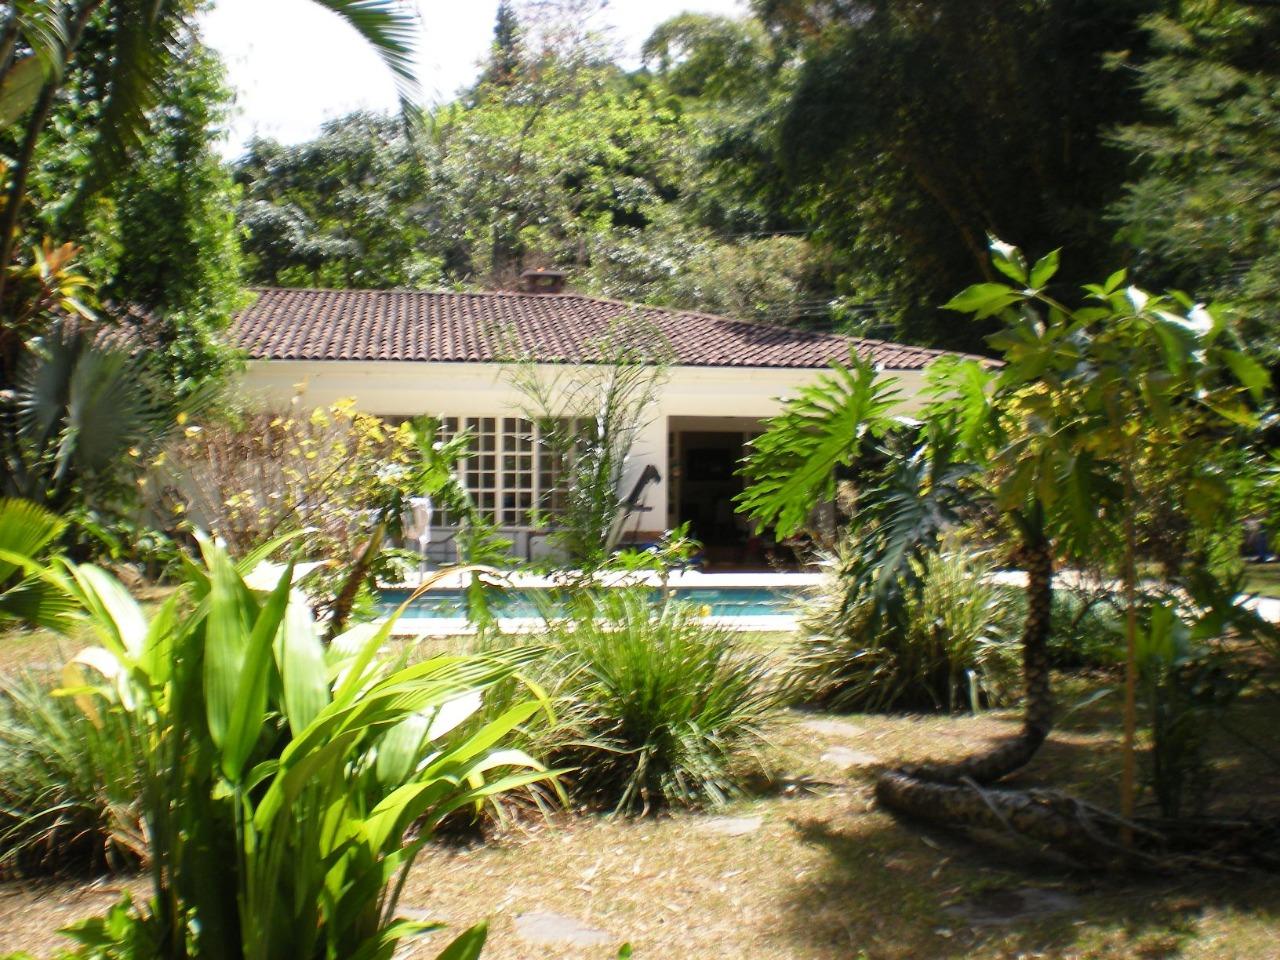 Amplia Casa de Un Nivel con Piscina y Jardines Tropicales en Bello Horizonte